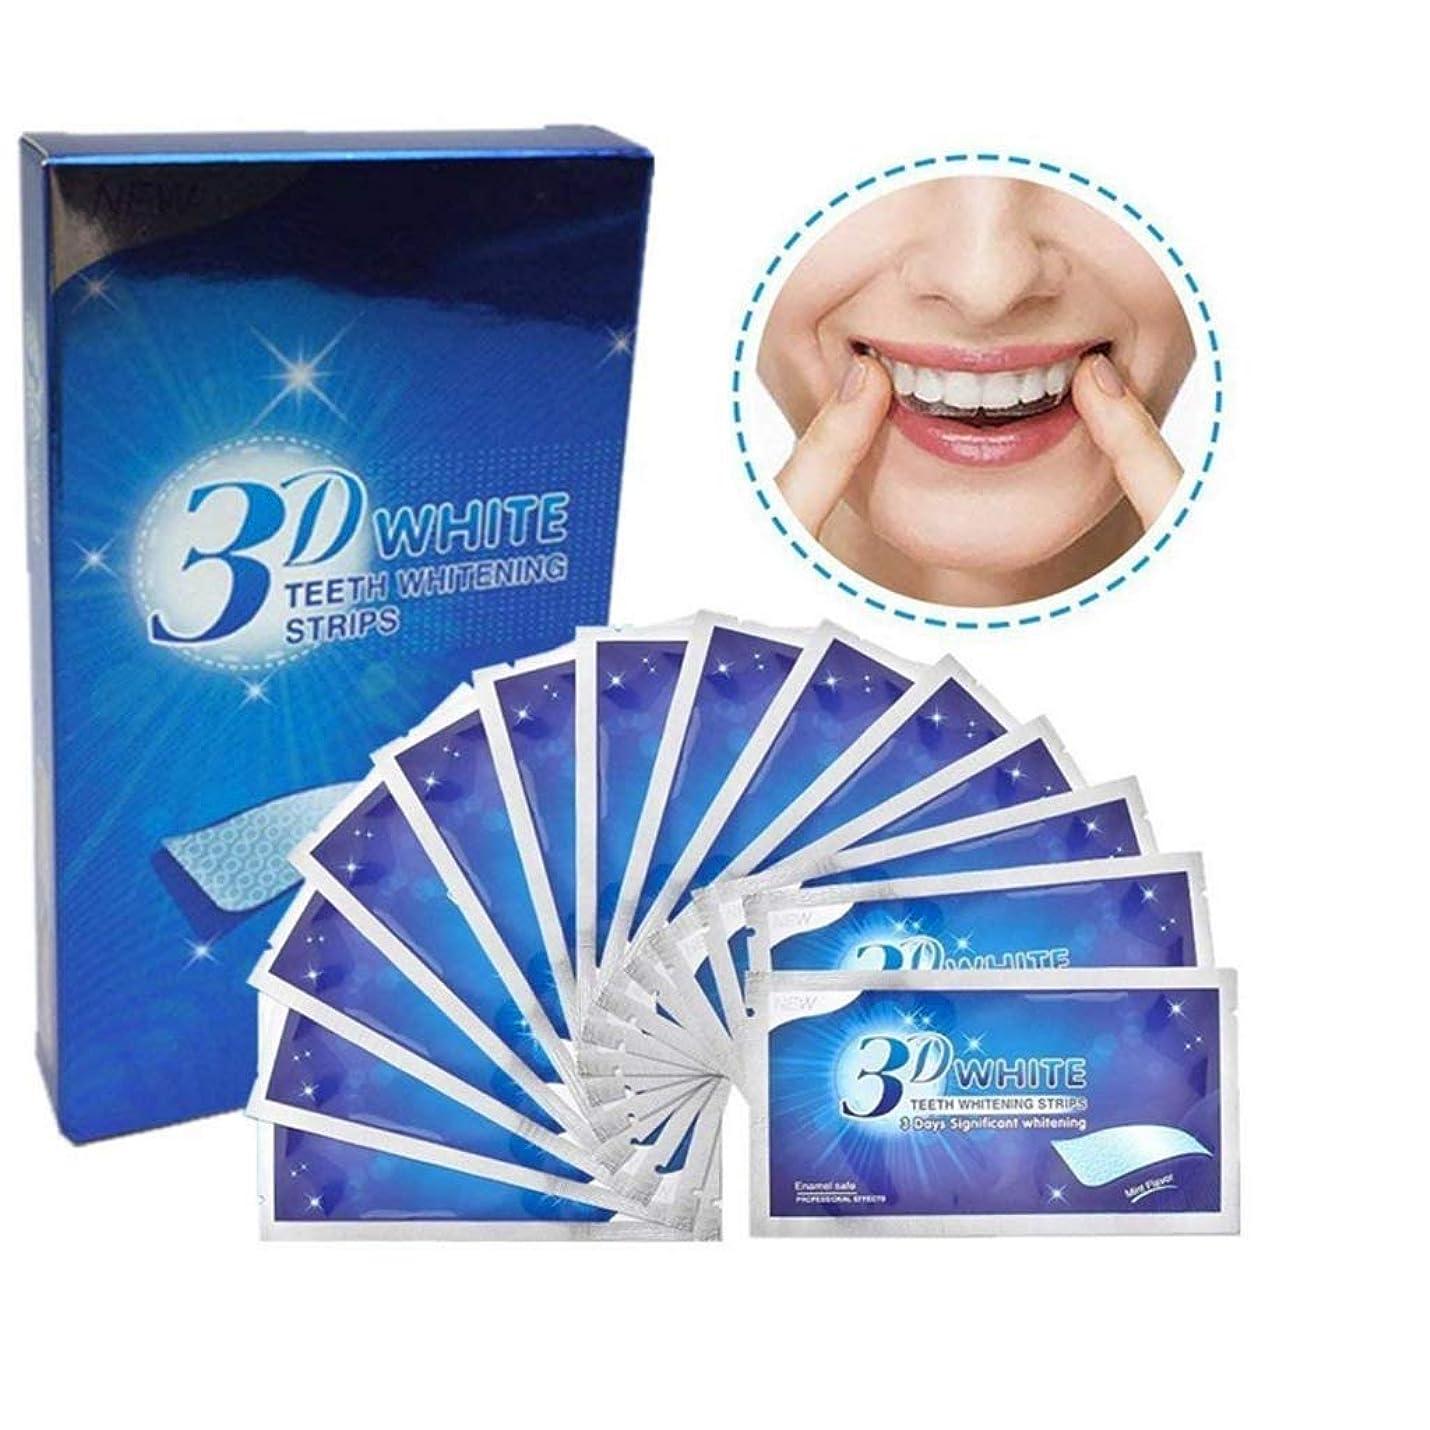 タンパク質我慢するコミュニティ歯 美白 ホワイトニング マニキュア 歯ケア 歯のホワイトニング 美白歯磨き 歯を白 ホワイトニングテープ 歯を漂白 14セット/28枚